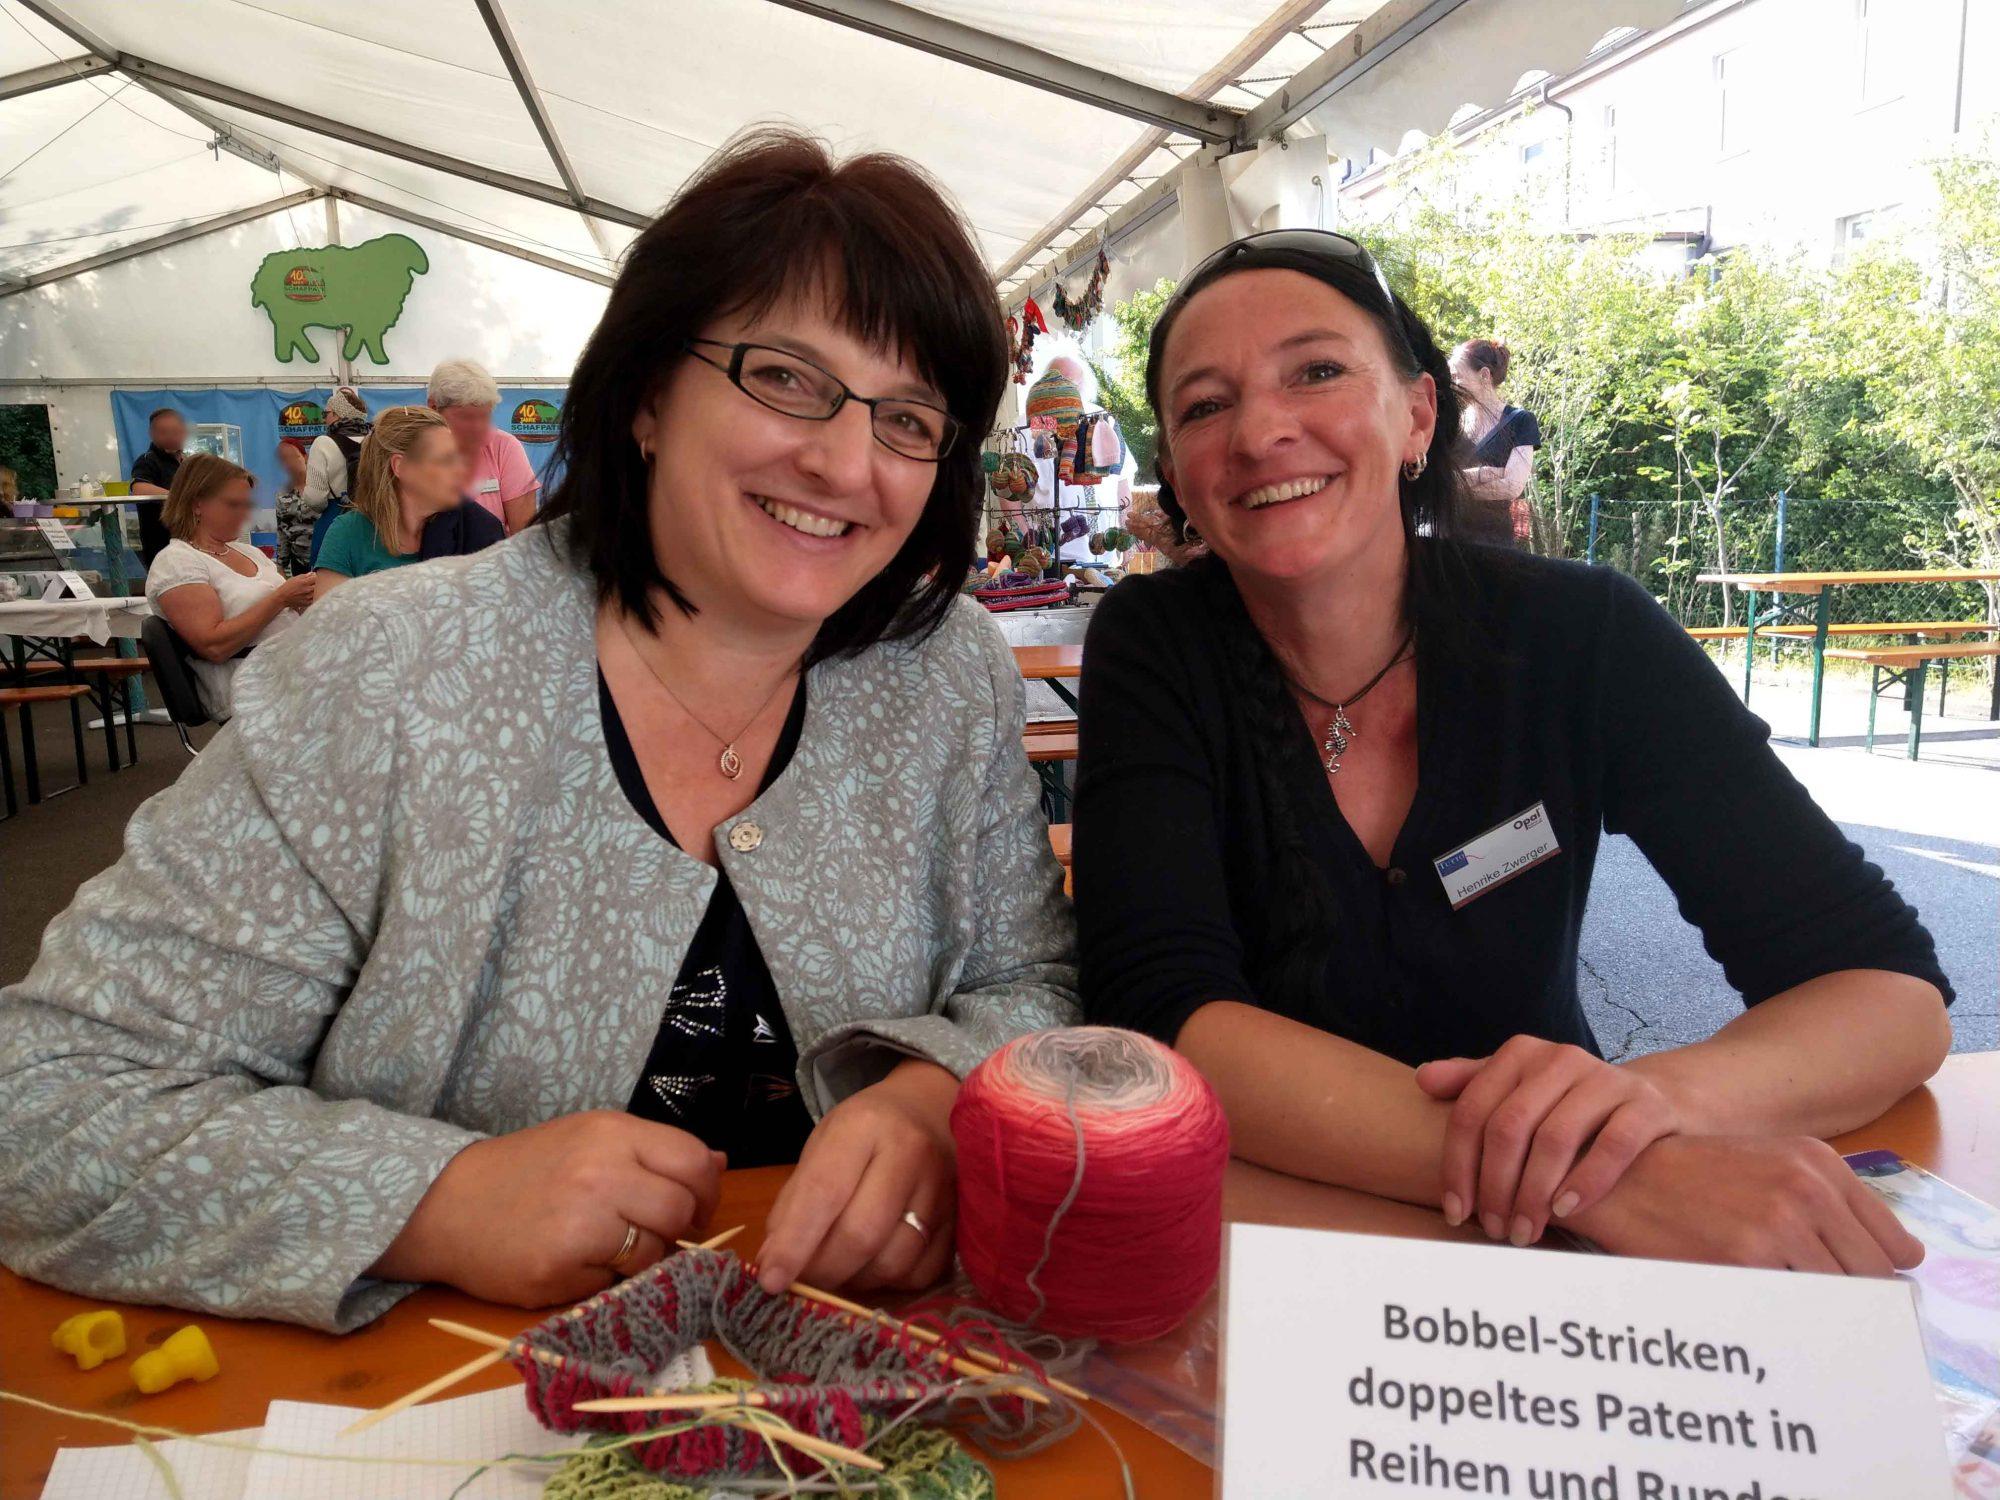 Sockenstrickertreffen Veronika Hug Henrike Zwerger